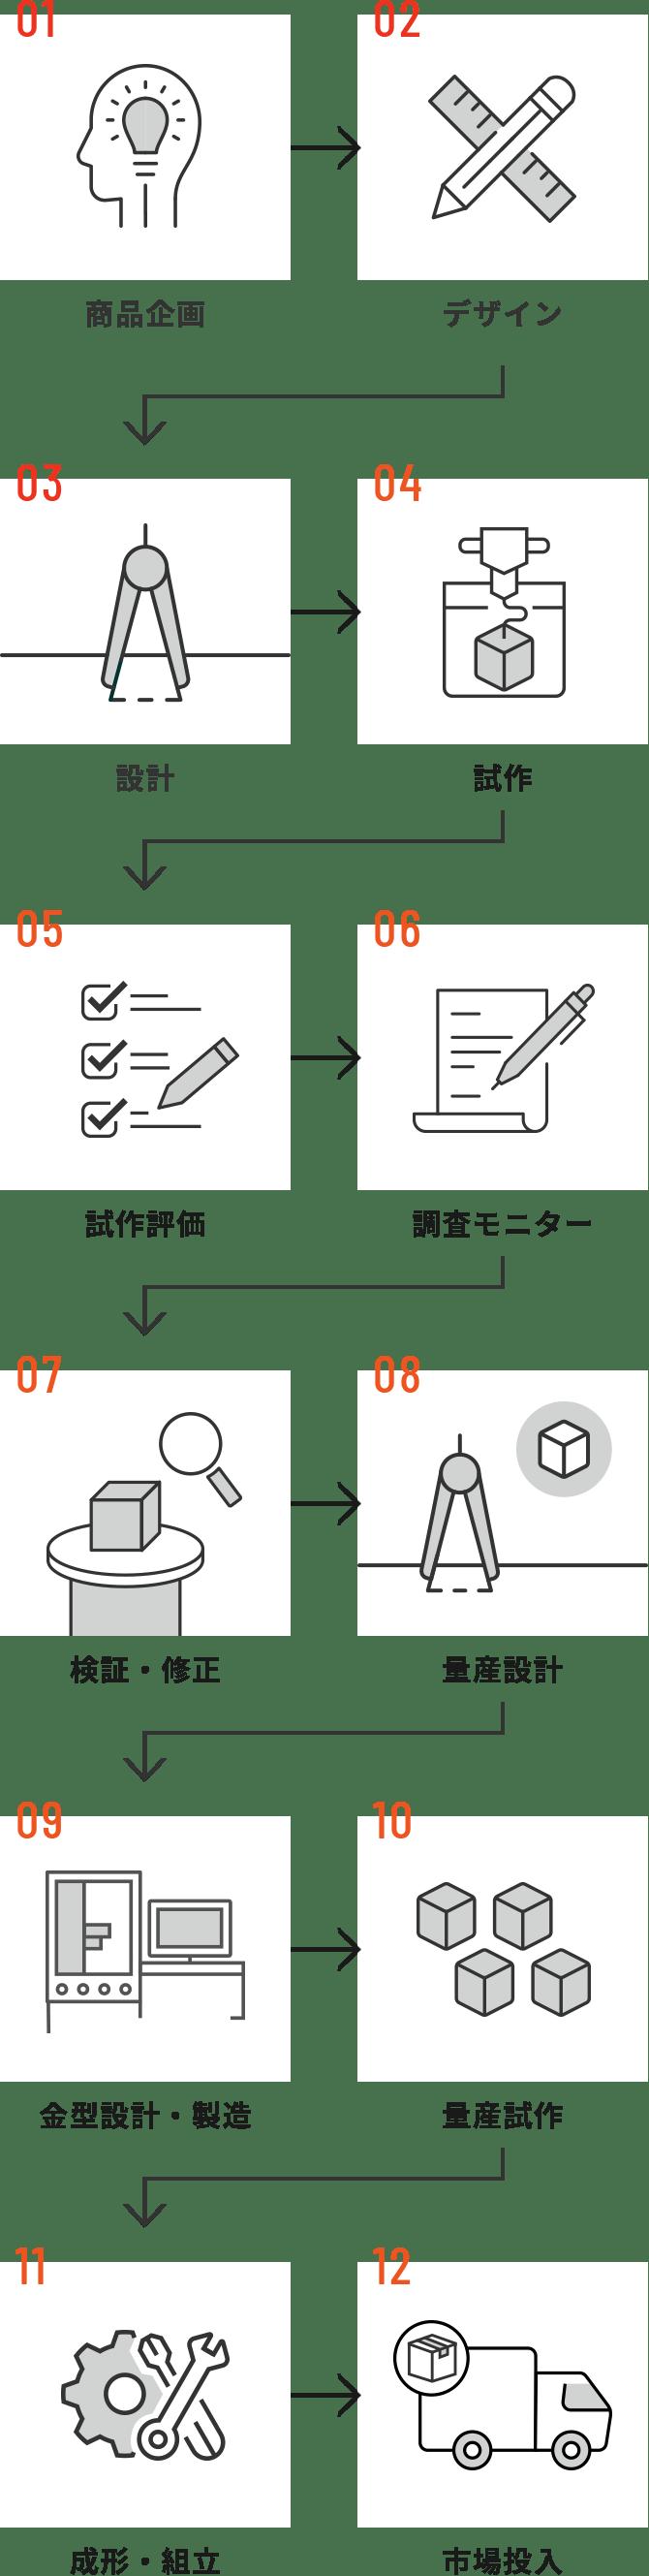 制作フローイメージ